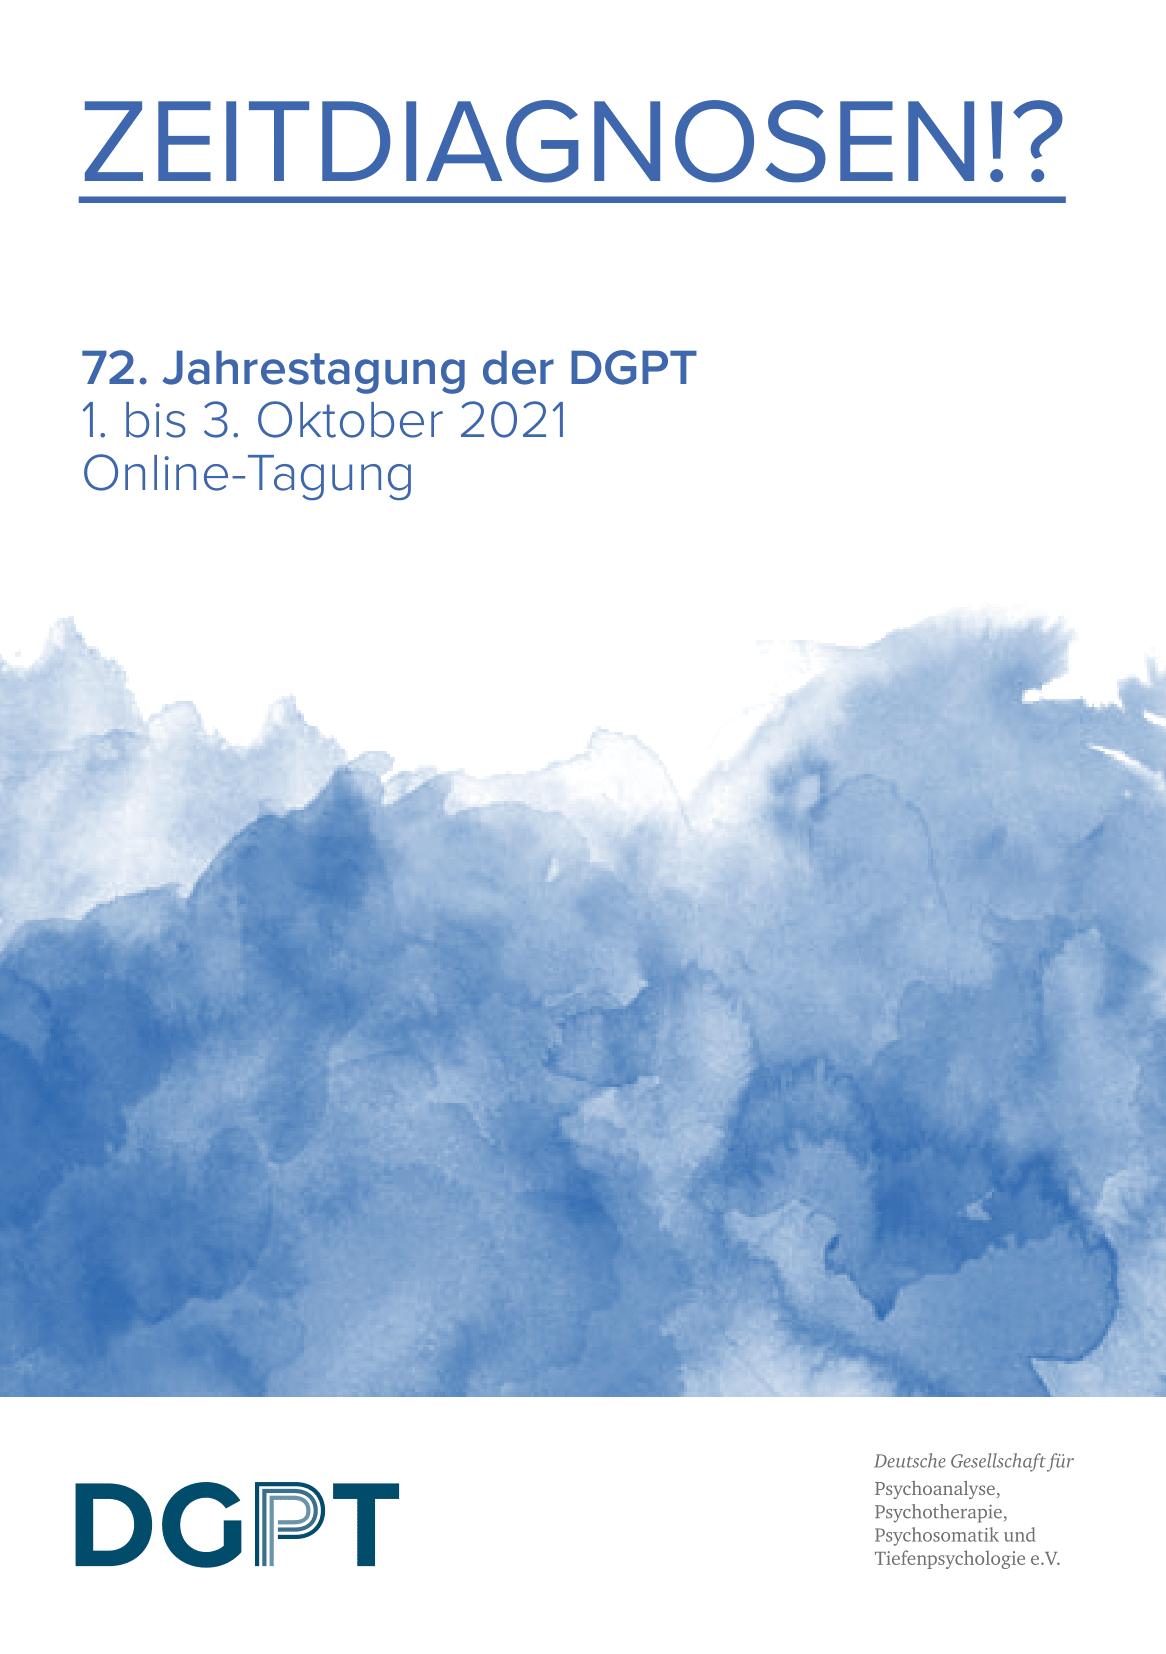 DGPT JT 2021 Kongressprogramm 01